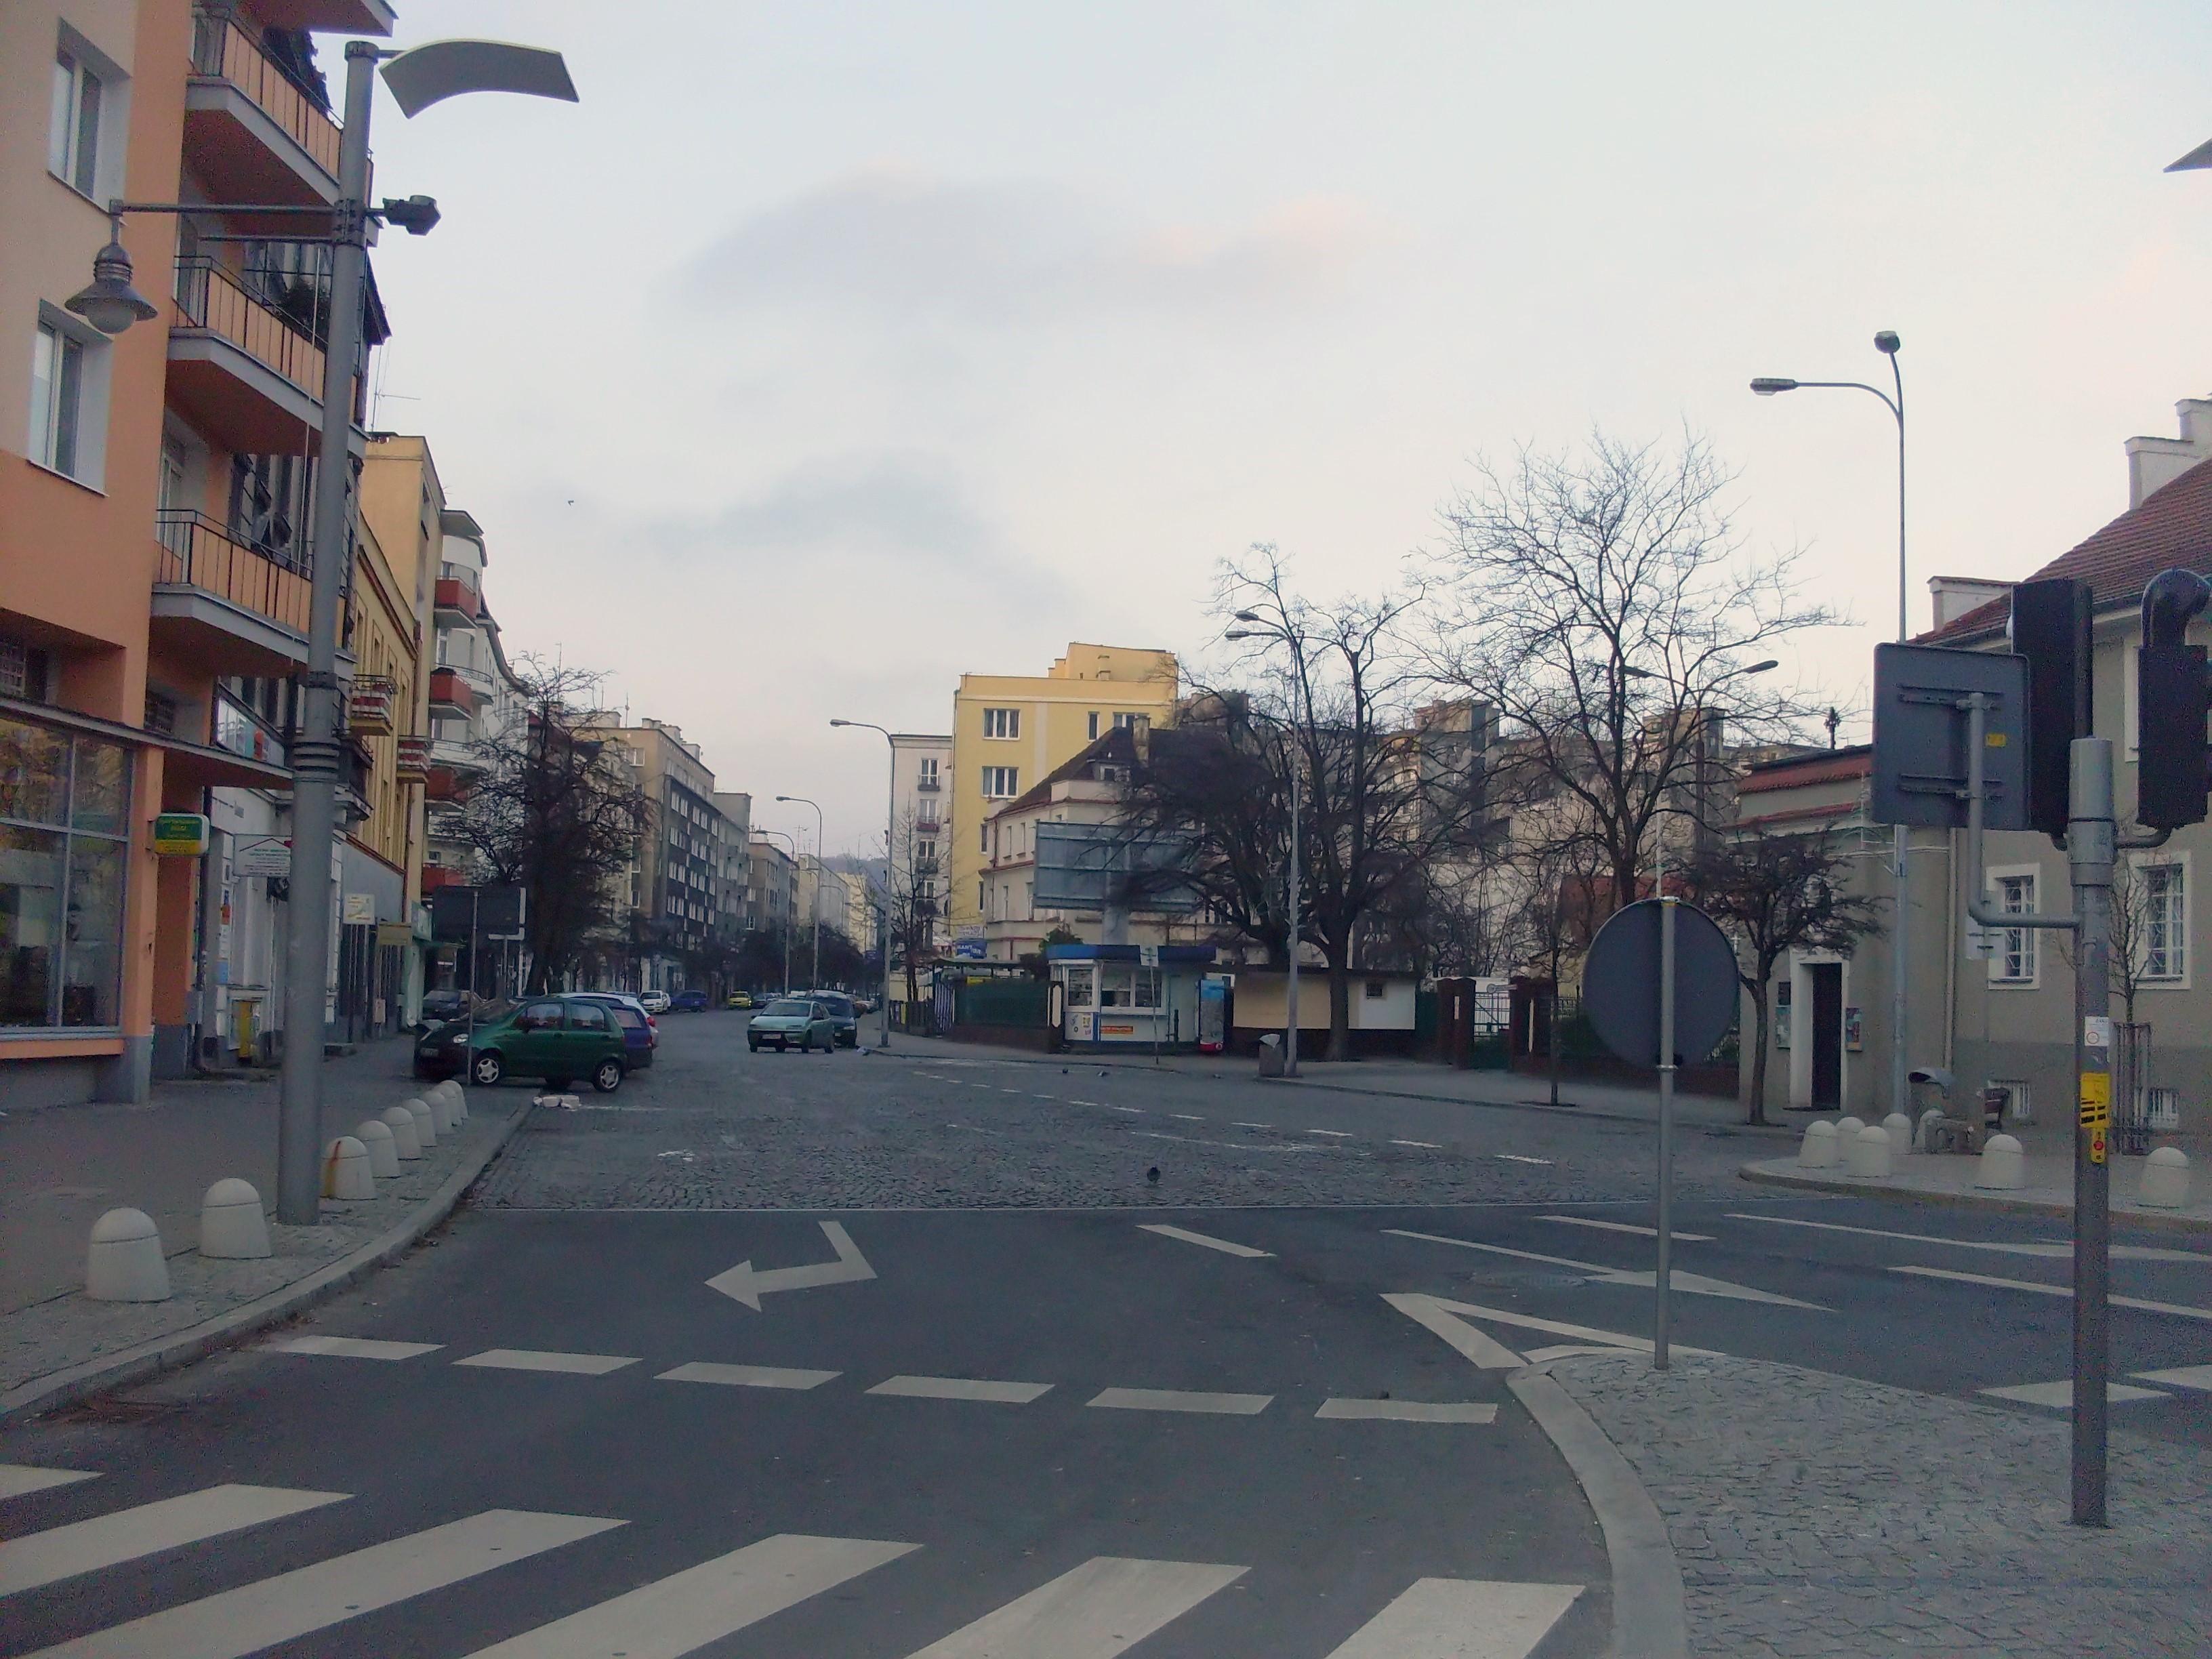 Ulica Starowiejska w Gdyni